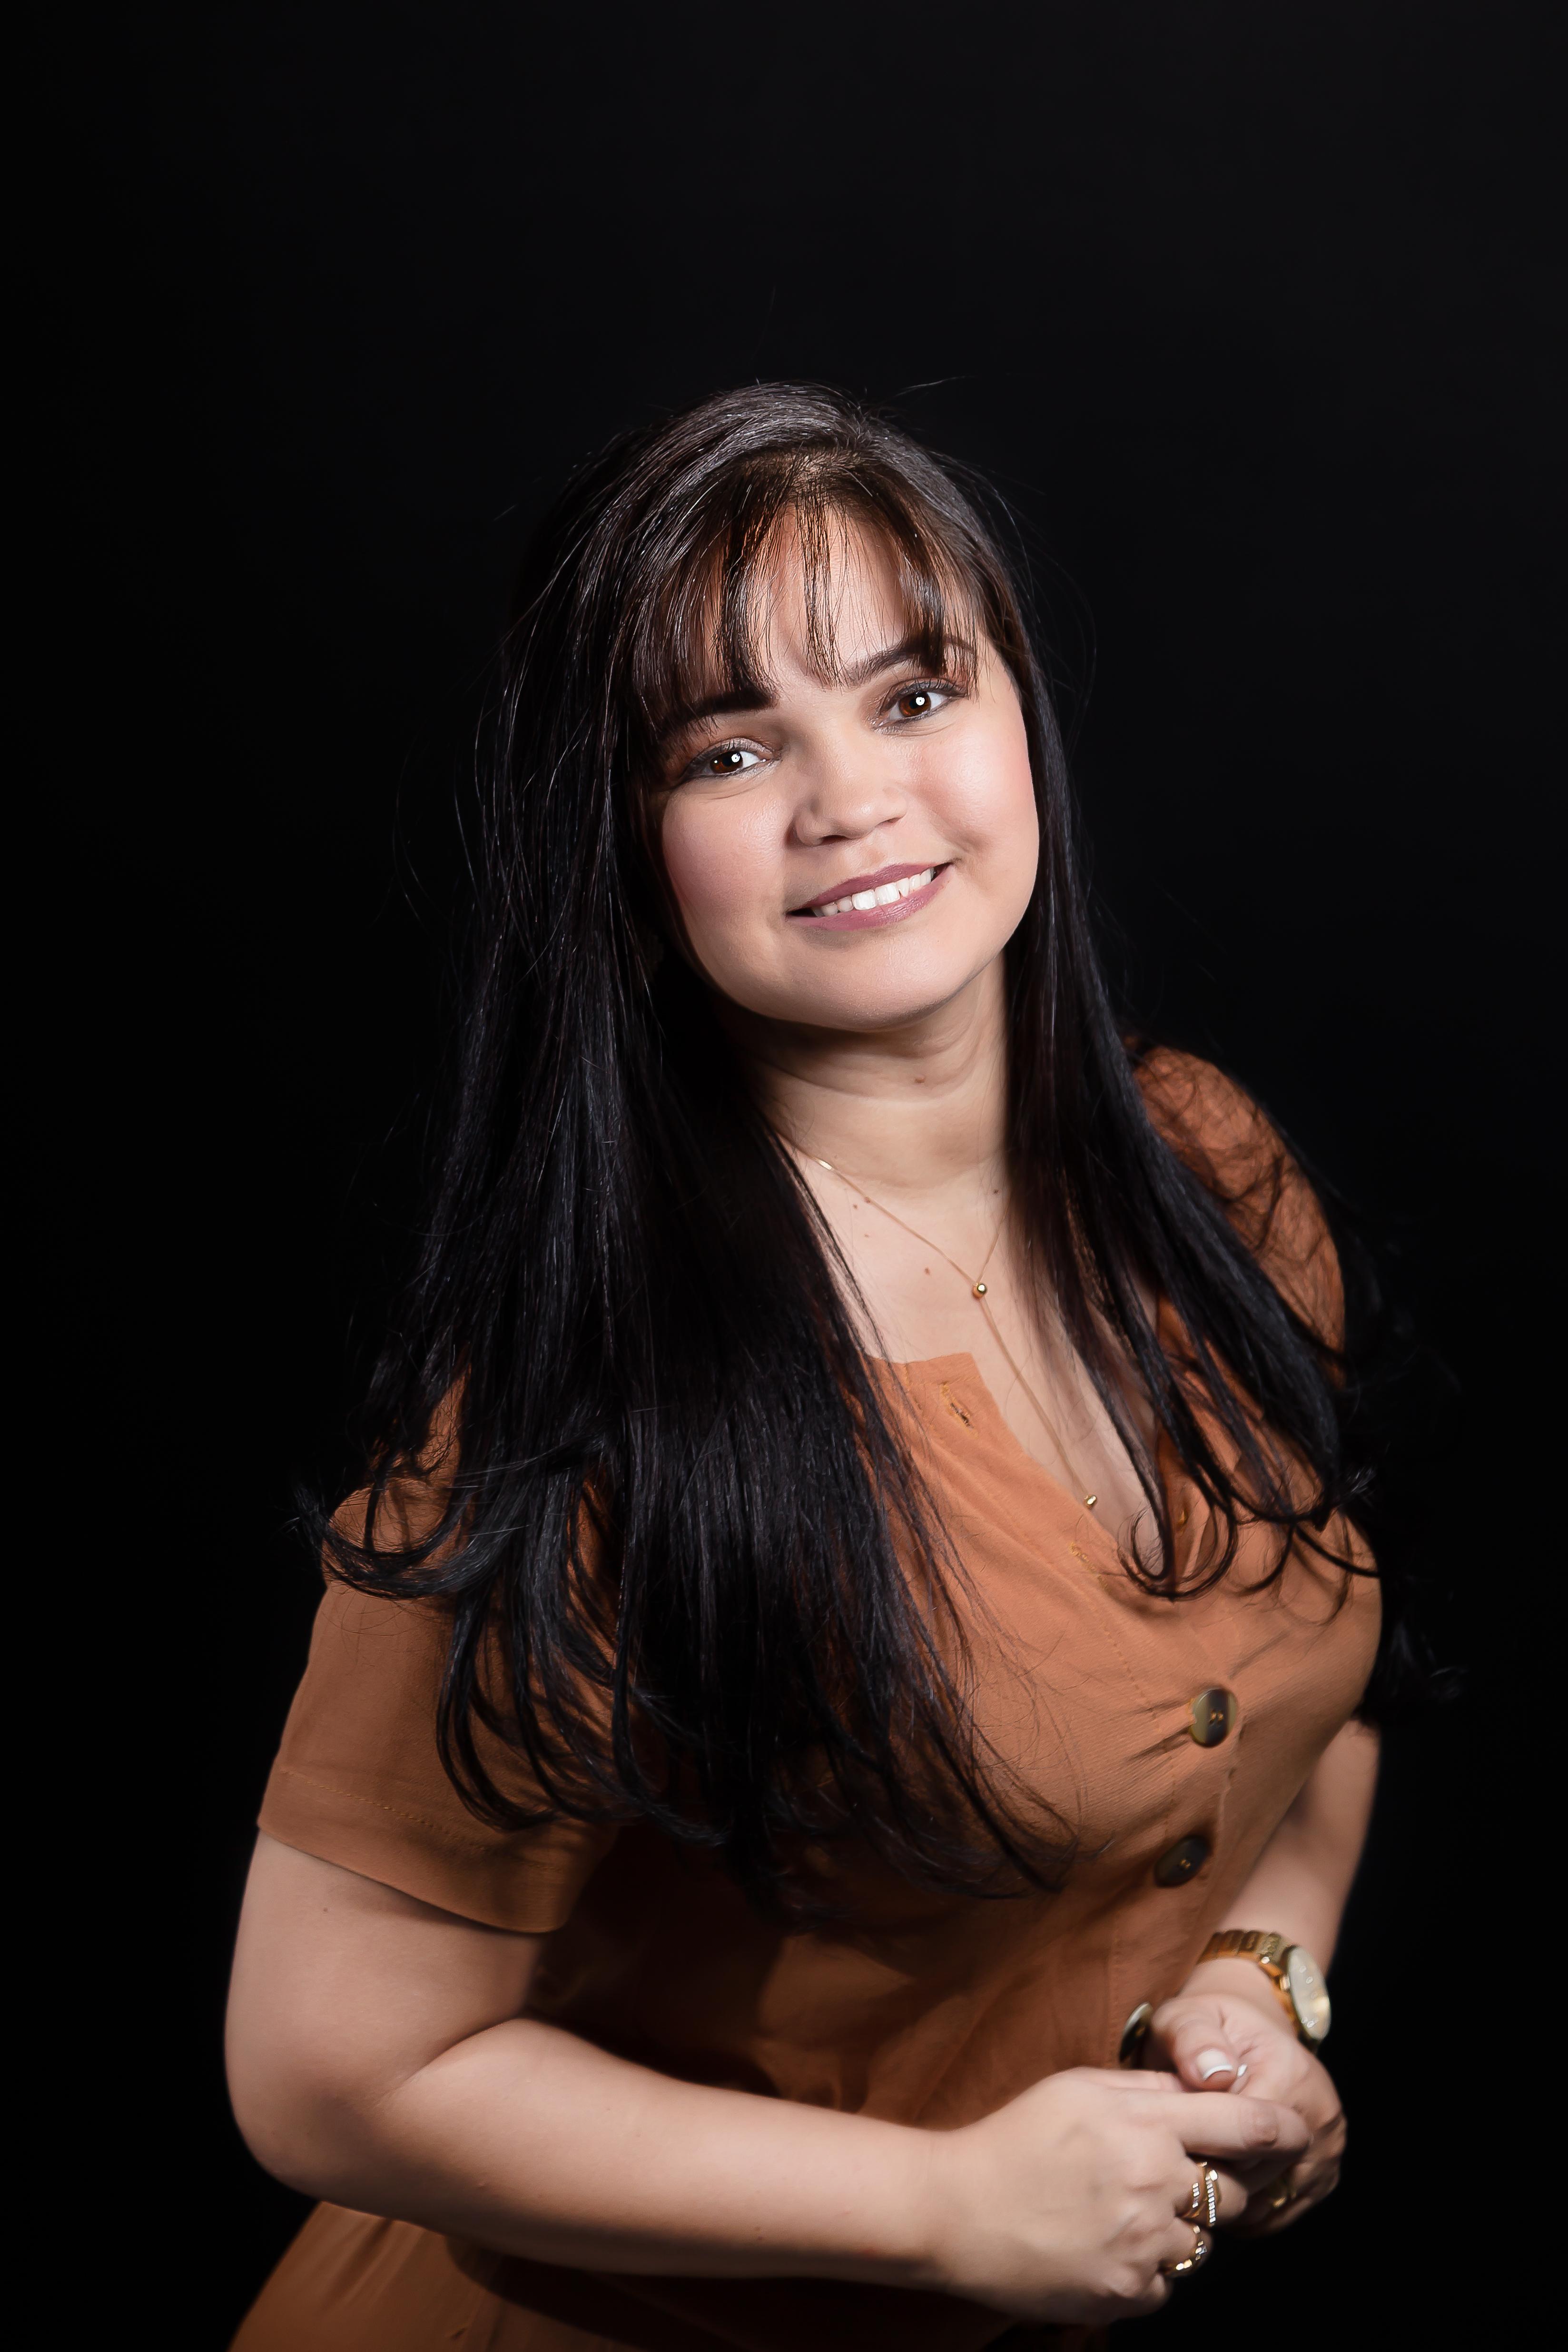 Sobre www.moniquemacedofotografia.com